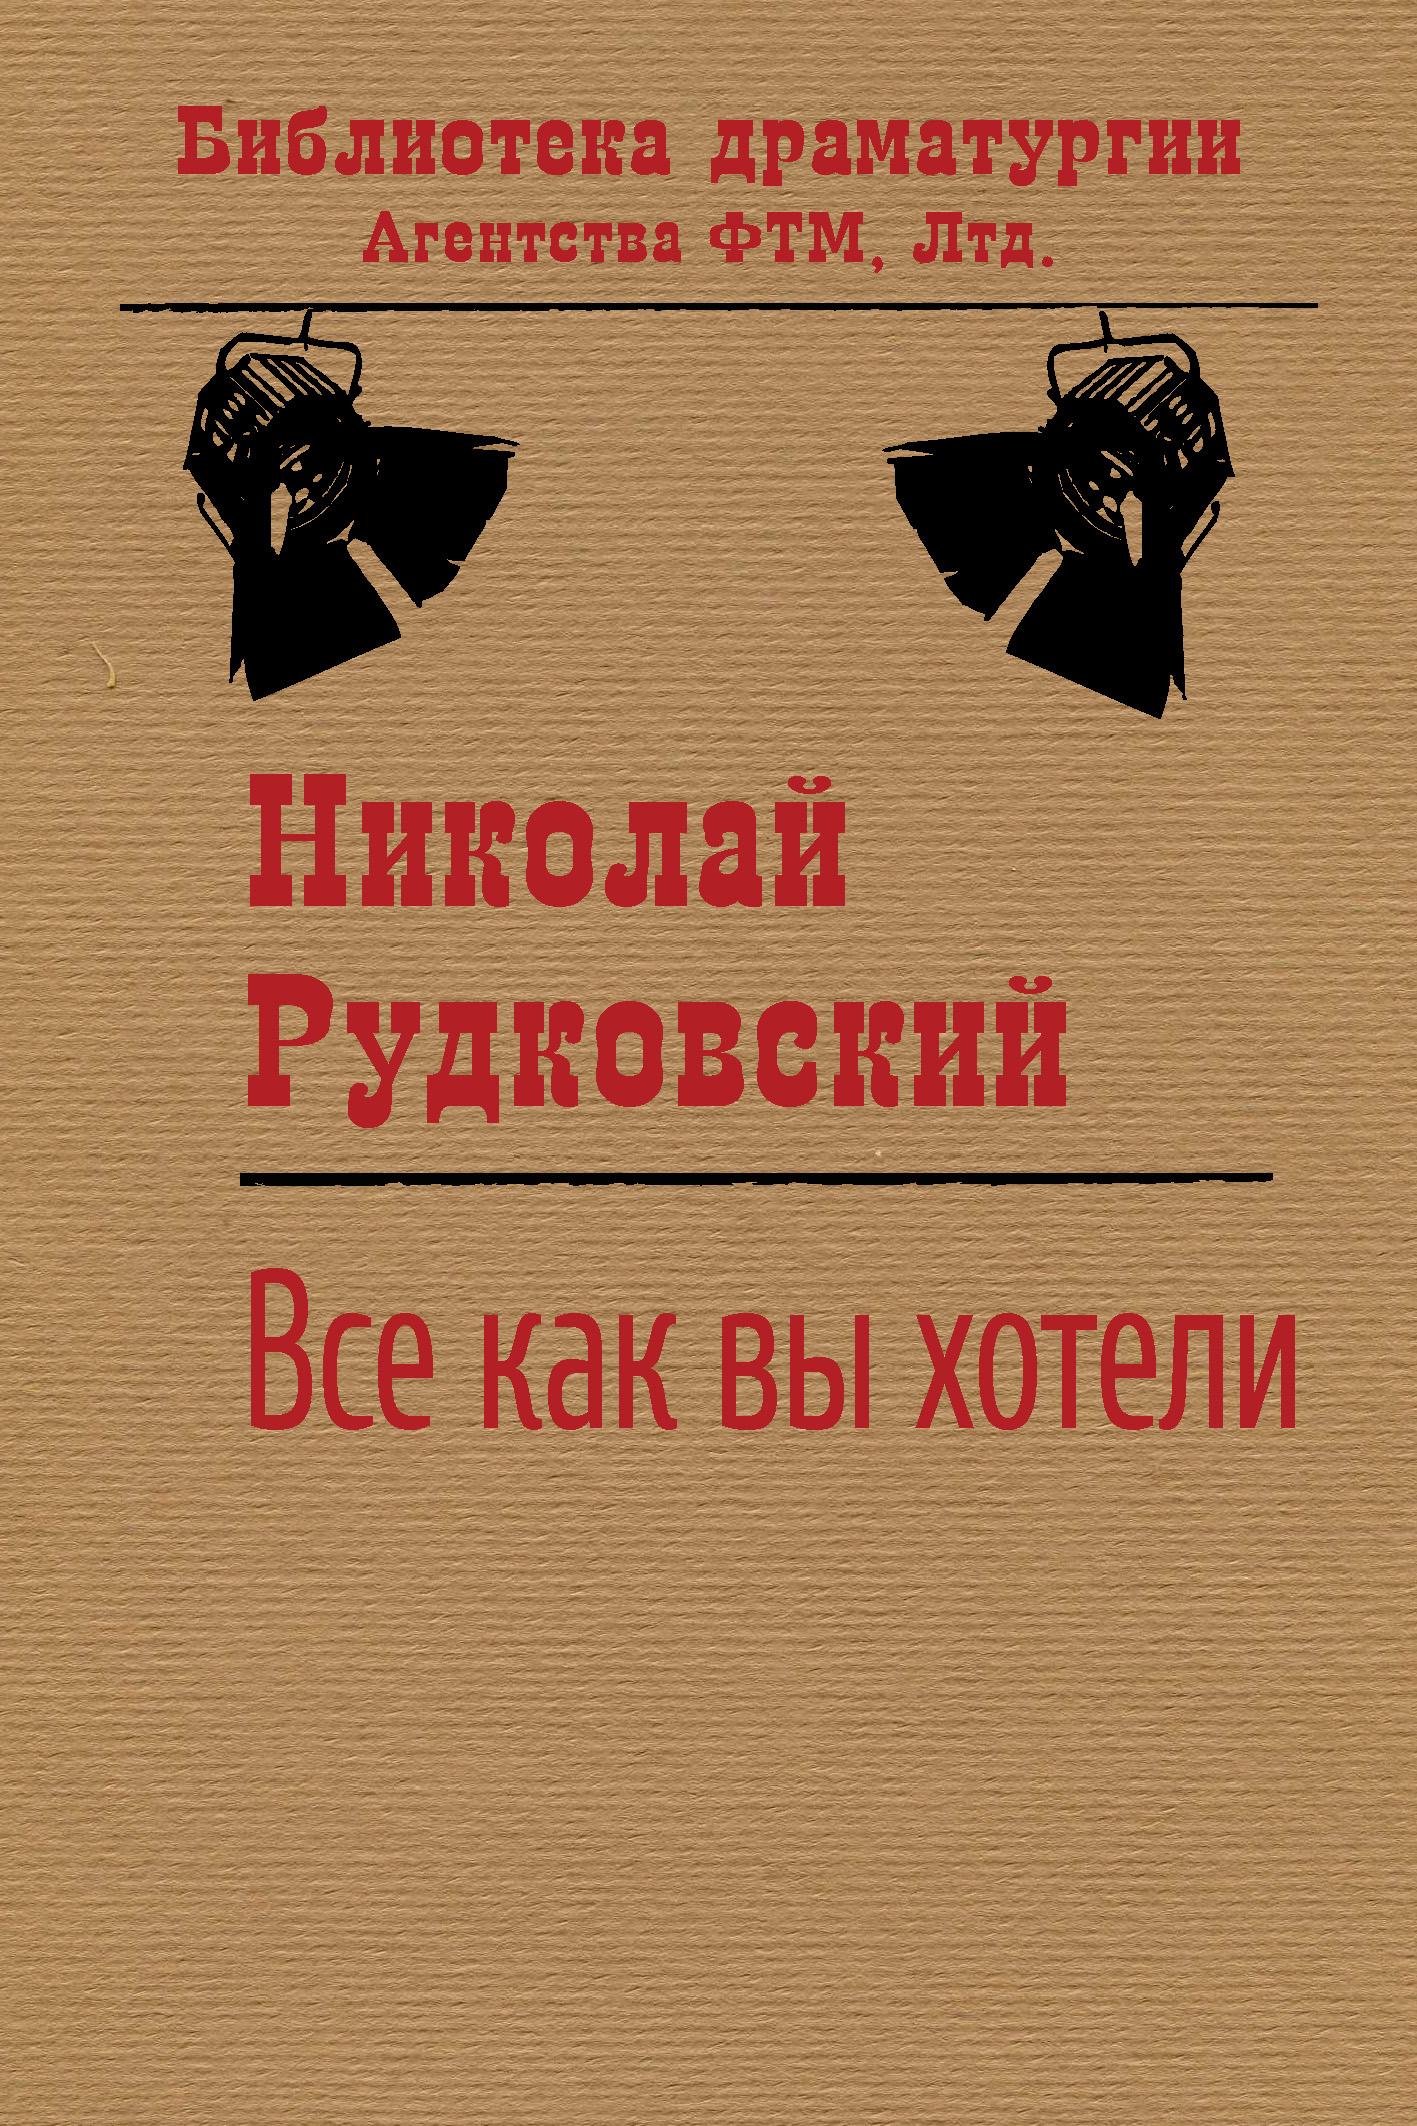 Николай Рудковский Все, как вы хотели